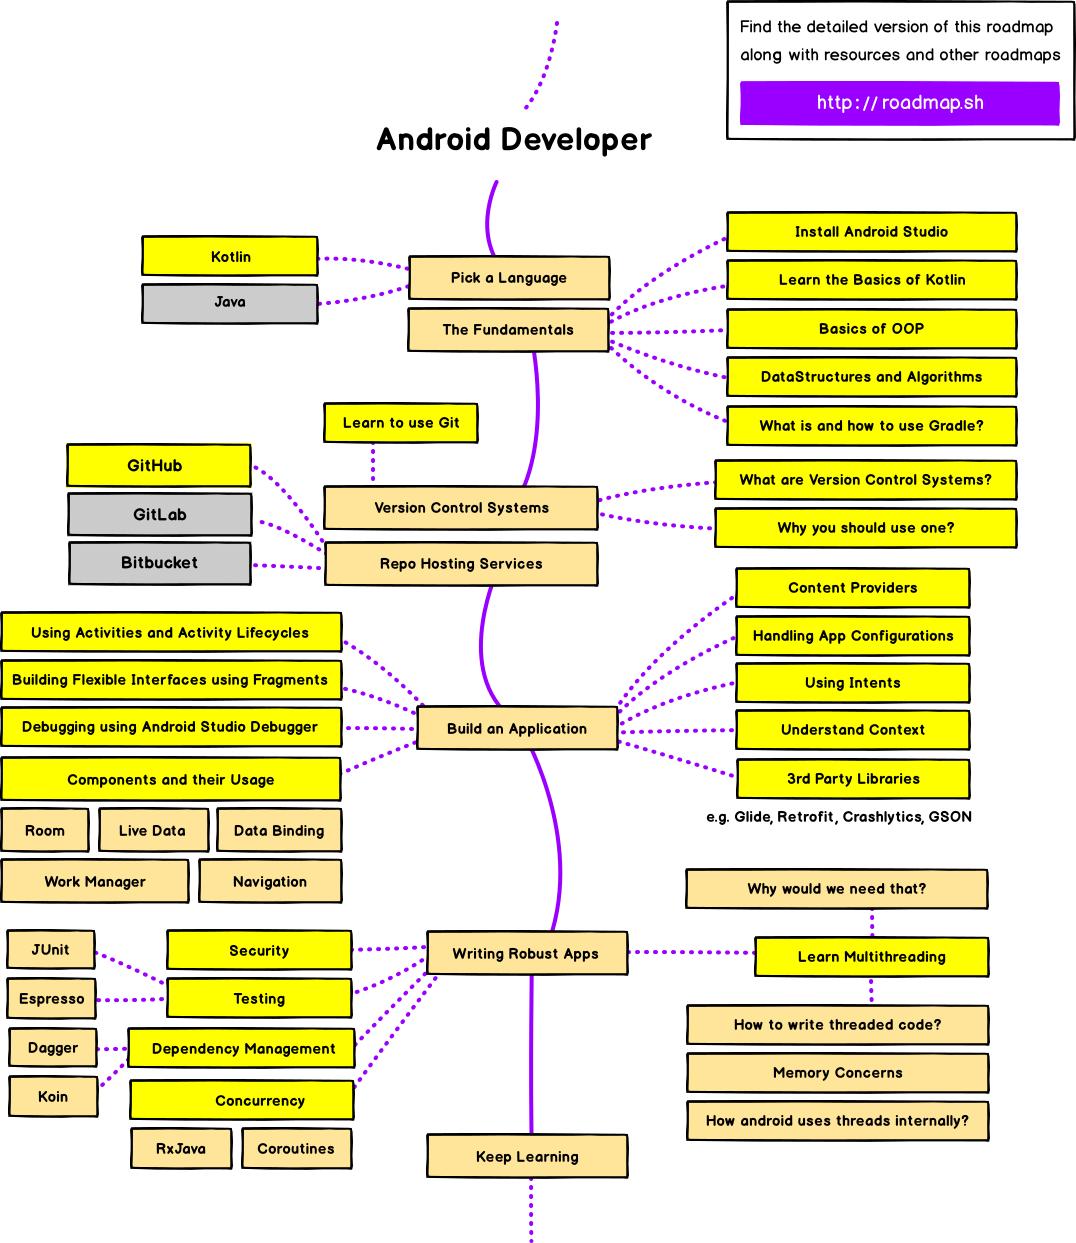 2021 Android Developer Roadmap (Github)